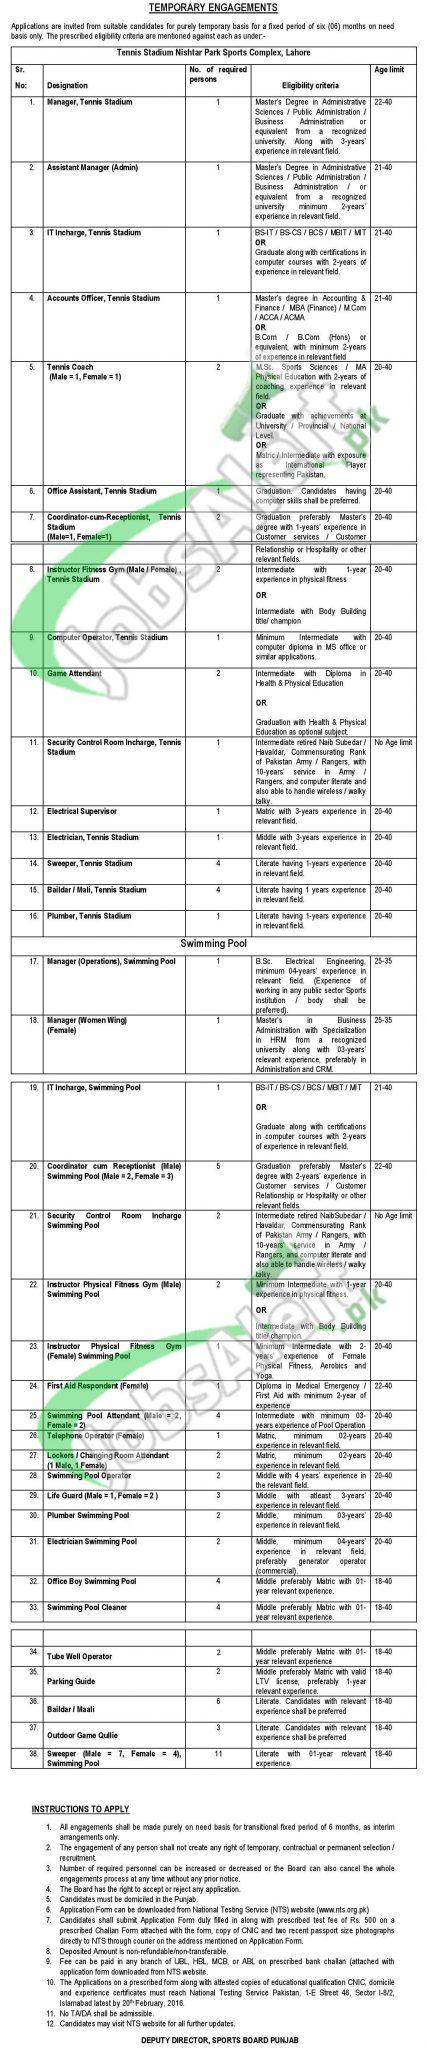 Sports Board Punjab Jobs